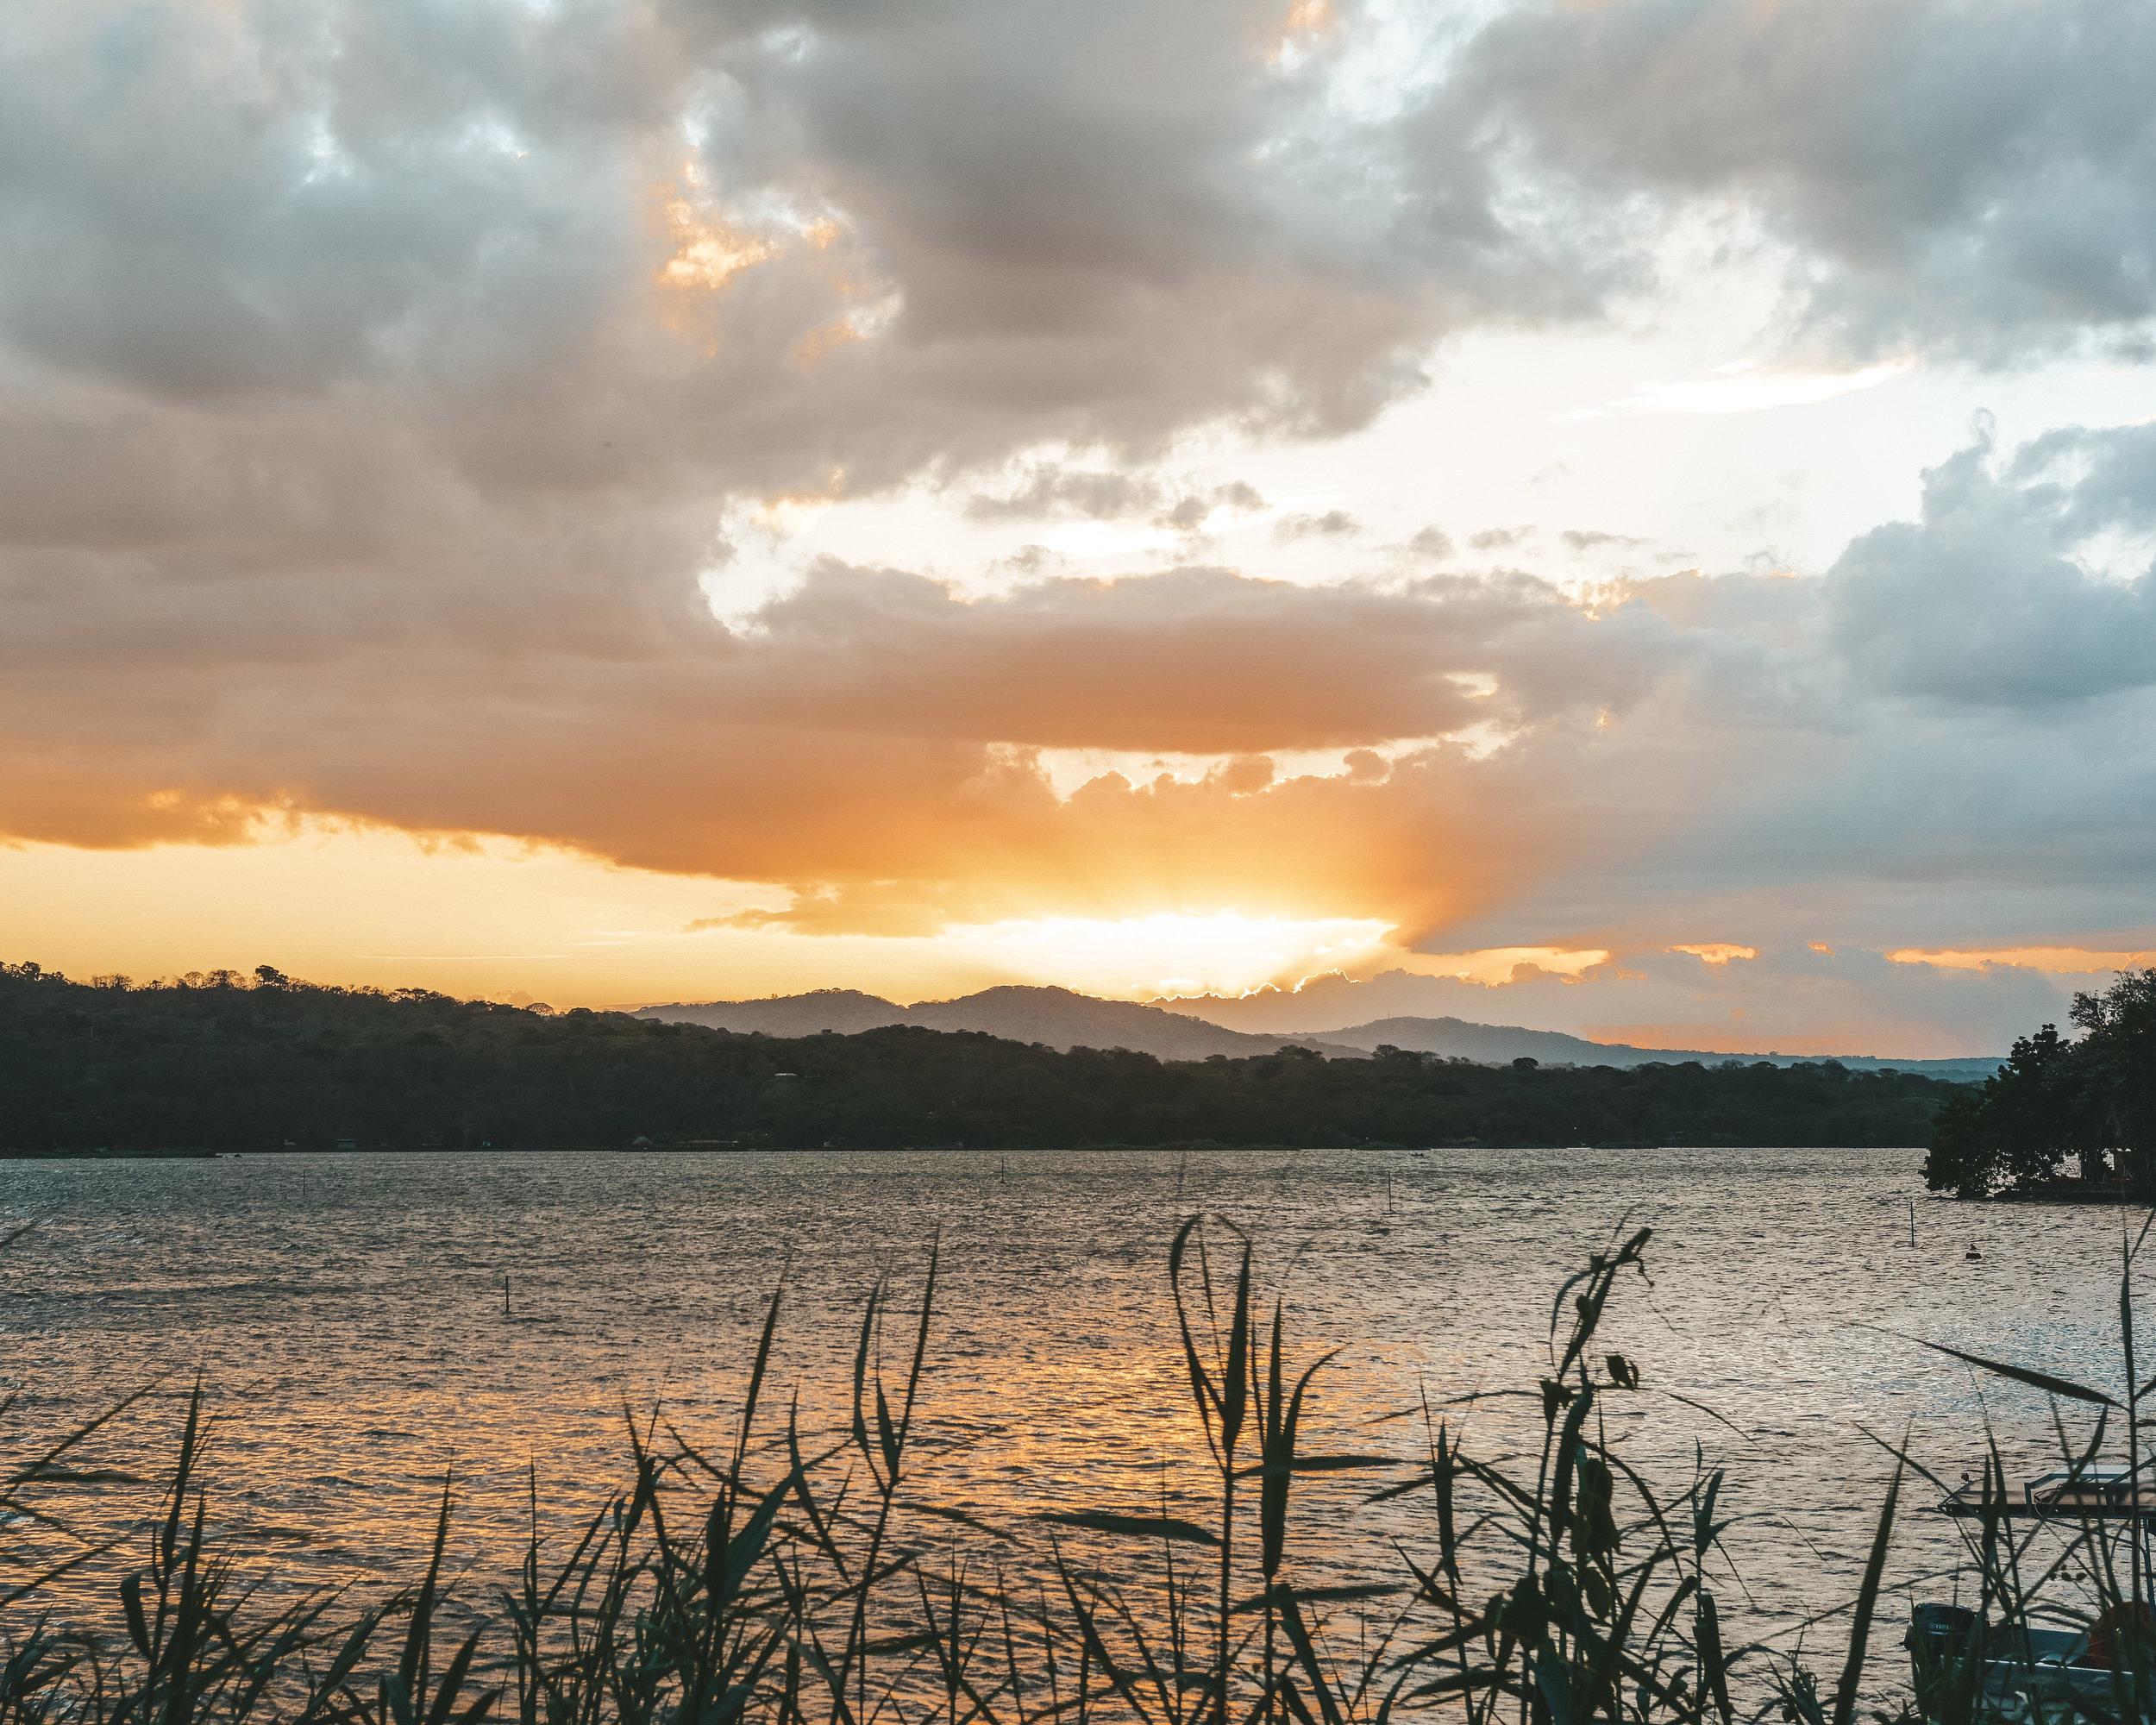 Epic sunsets on Lake Nicaragua